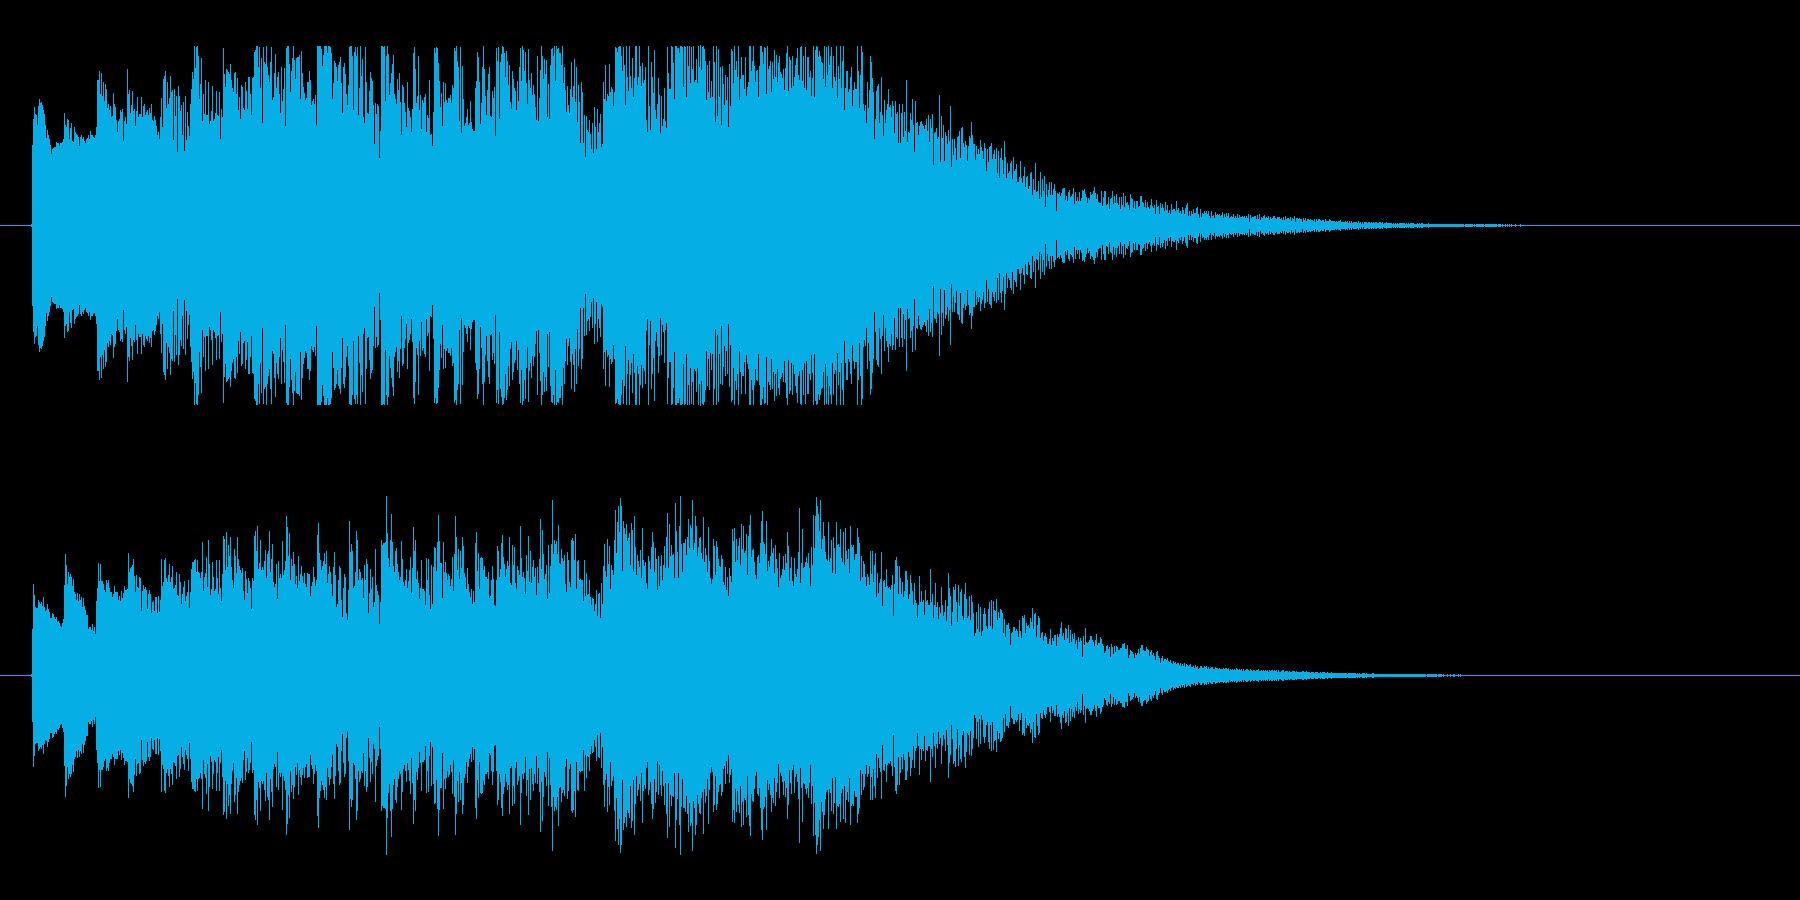 琴・尺八の情緒ある純和風ロゴの再生済みの波形